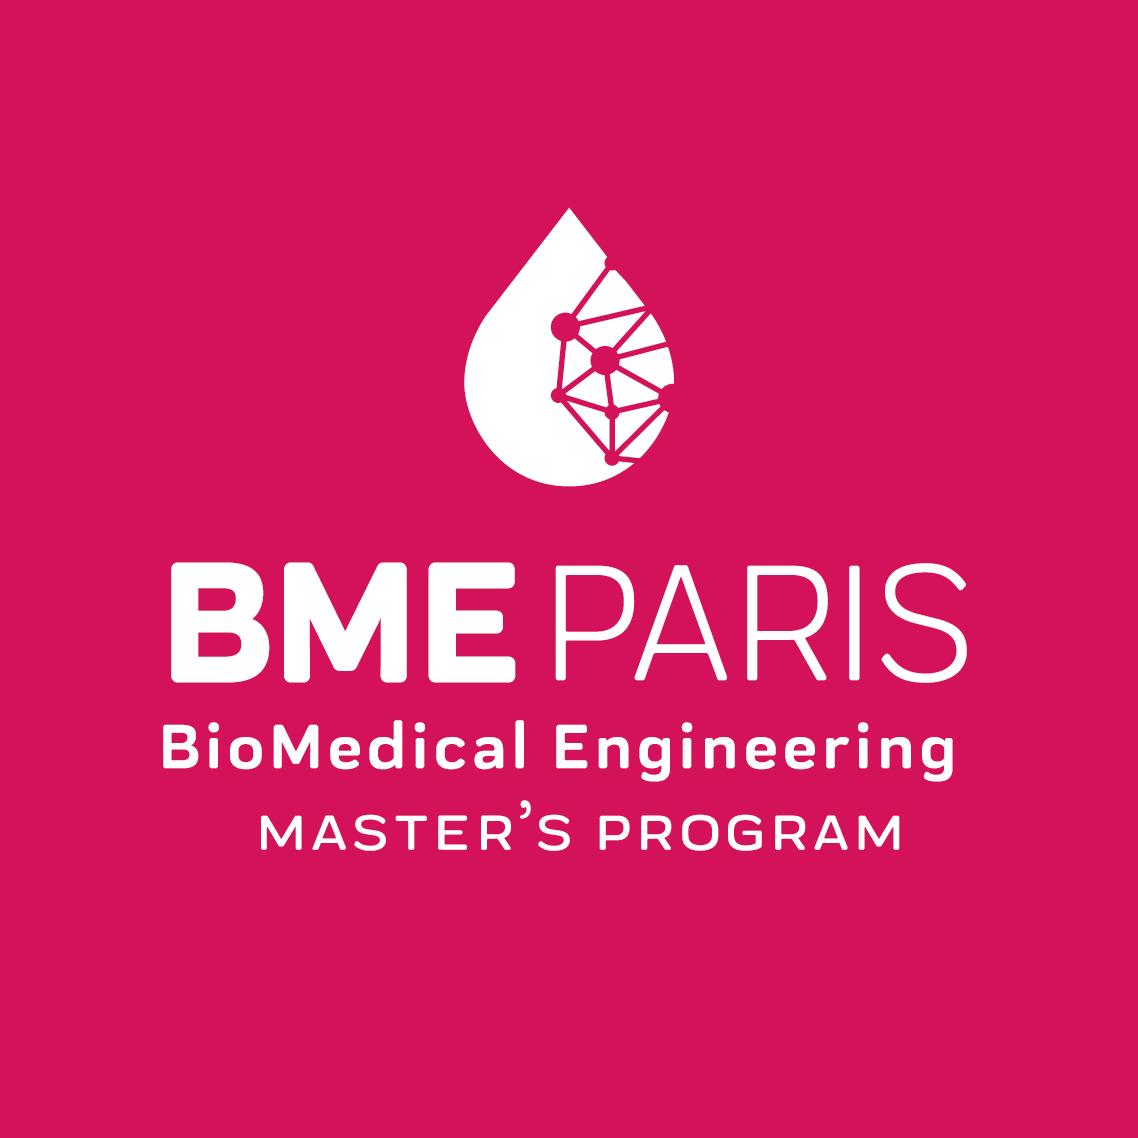 BME Paris